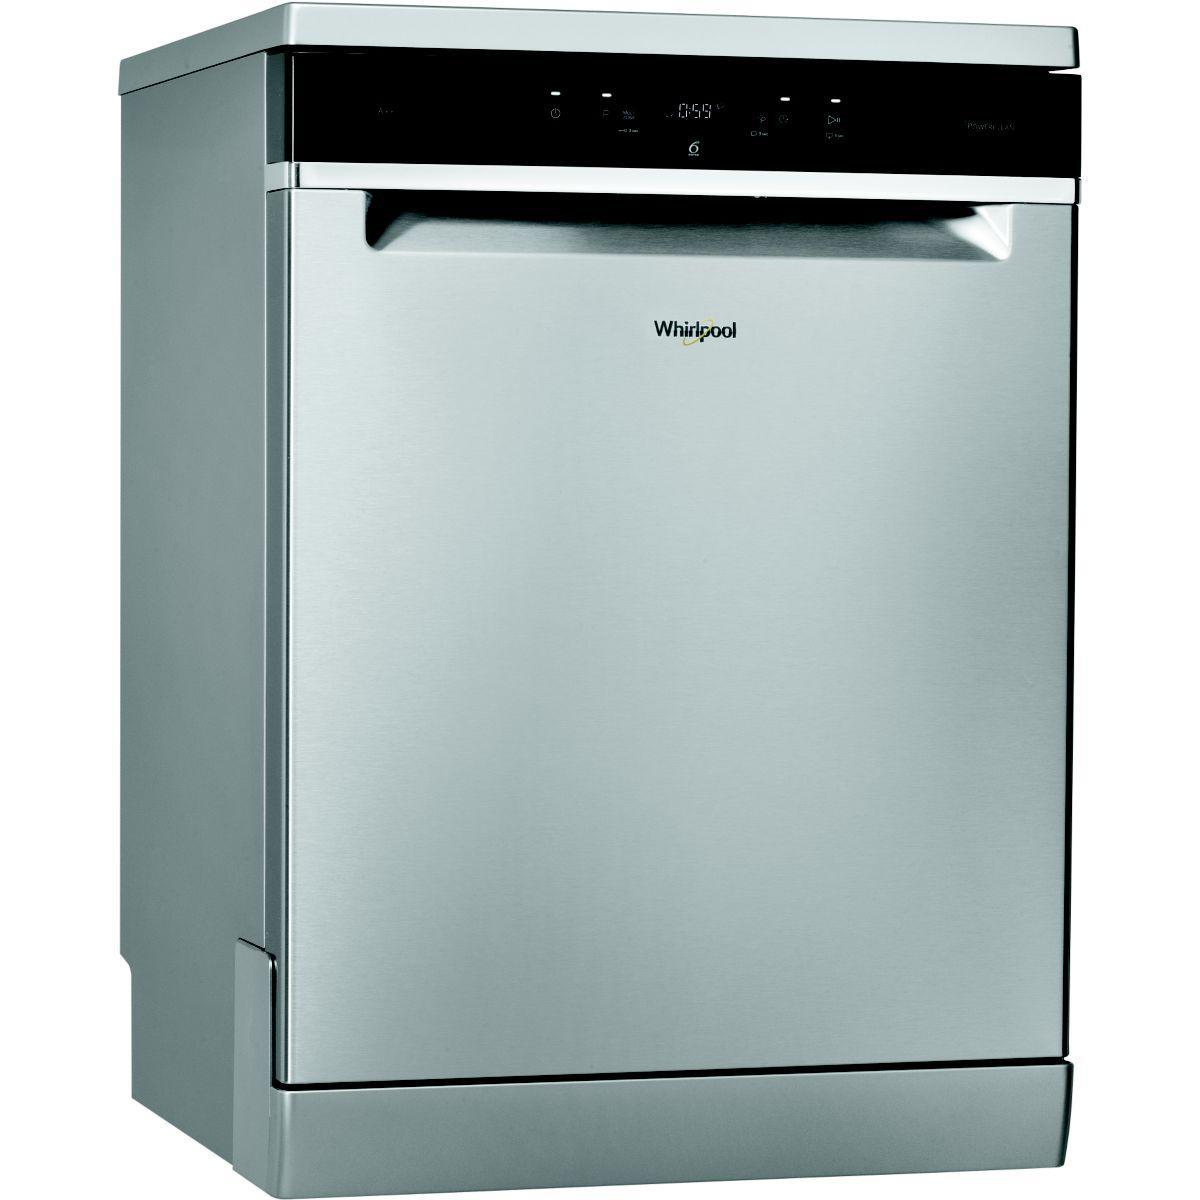 Lave vaisselle 60 cm whirlpool wfc 3c26px inox - 10% de remise imm�diate avec le code : gam10 (photo)